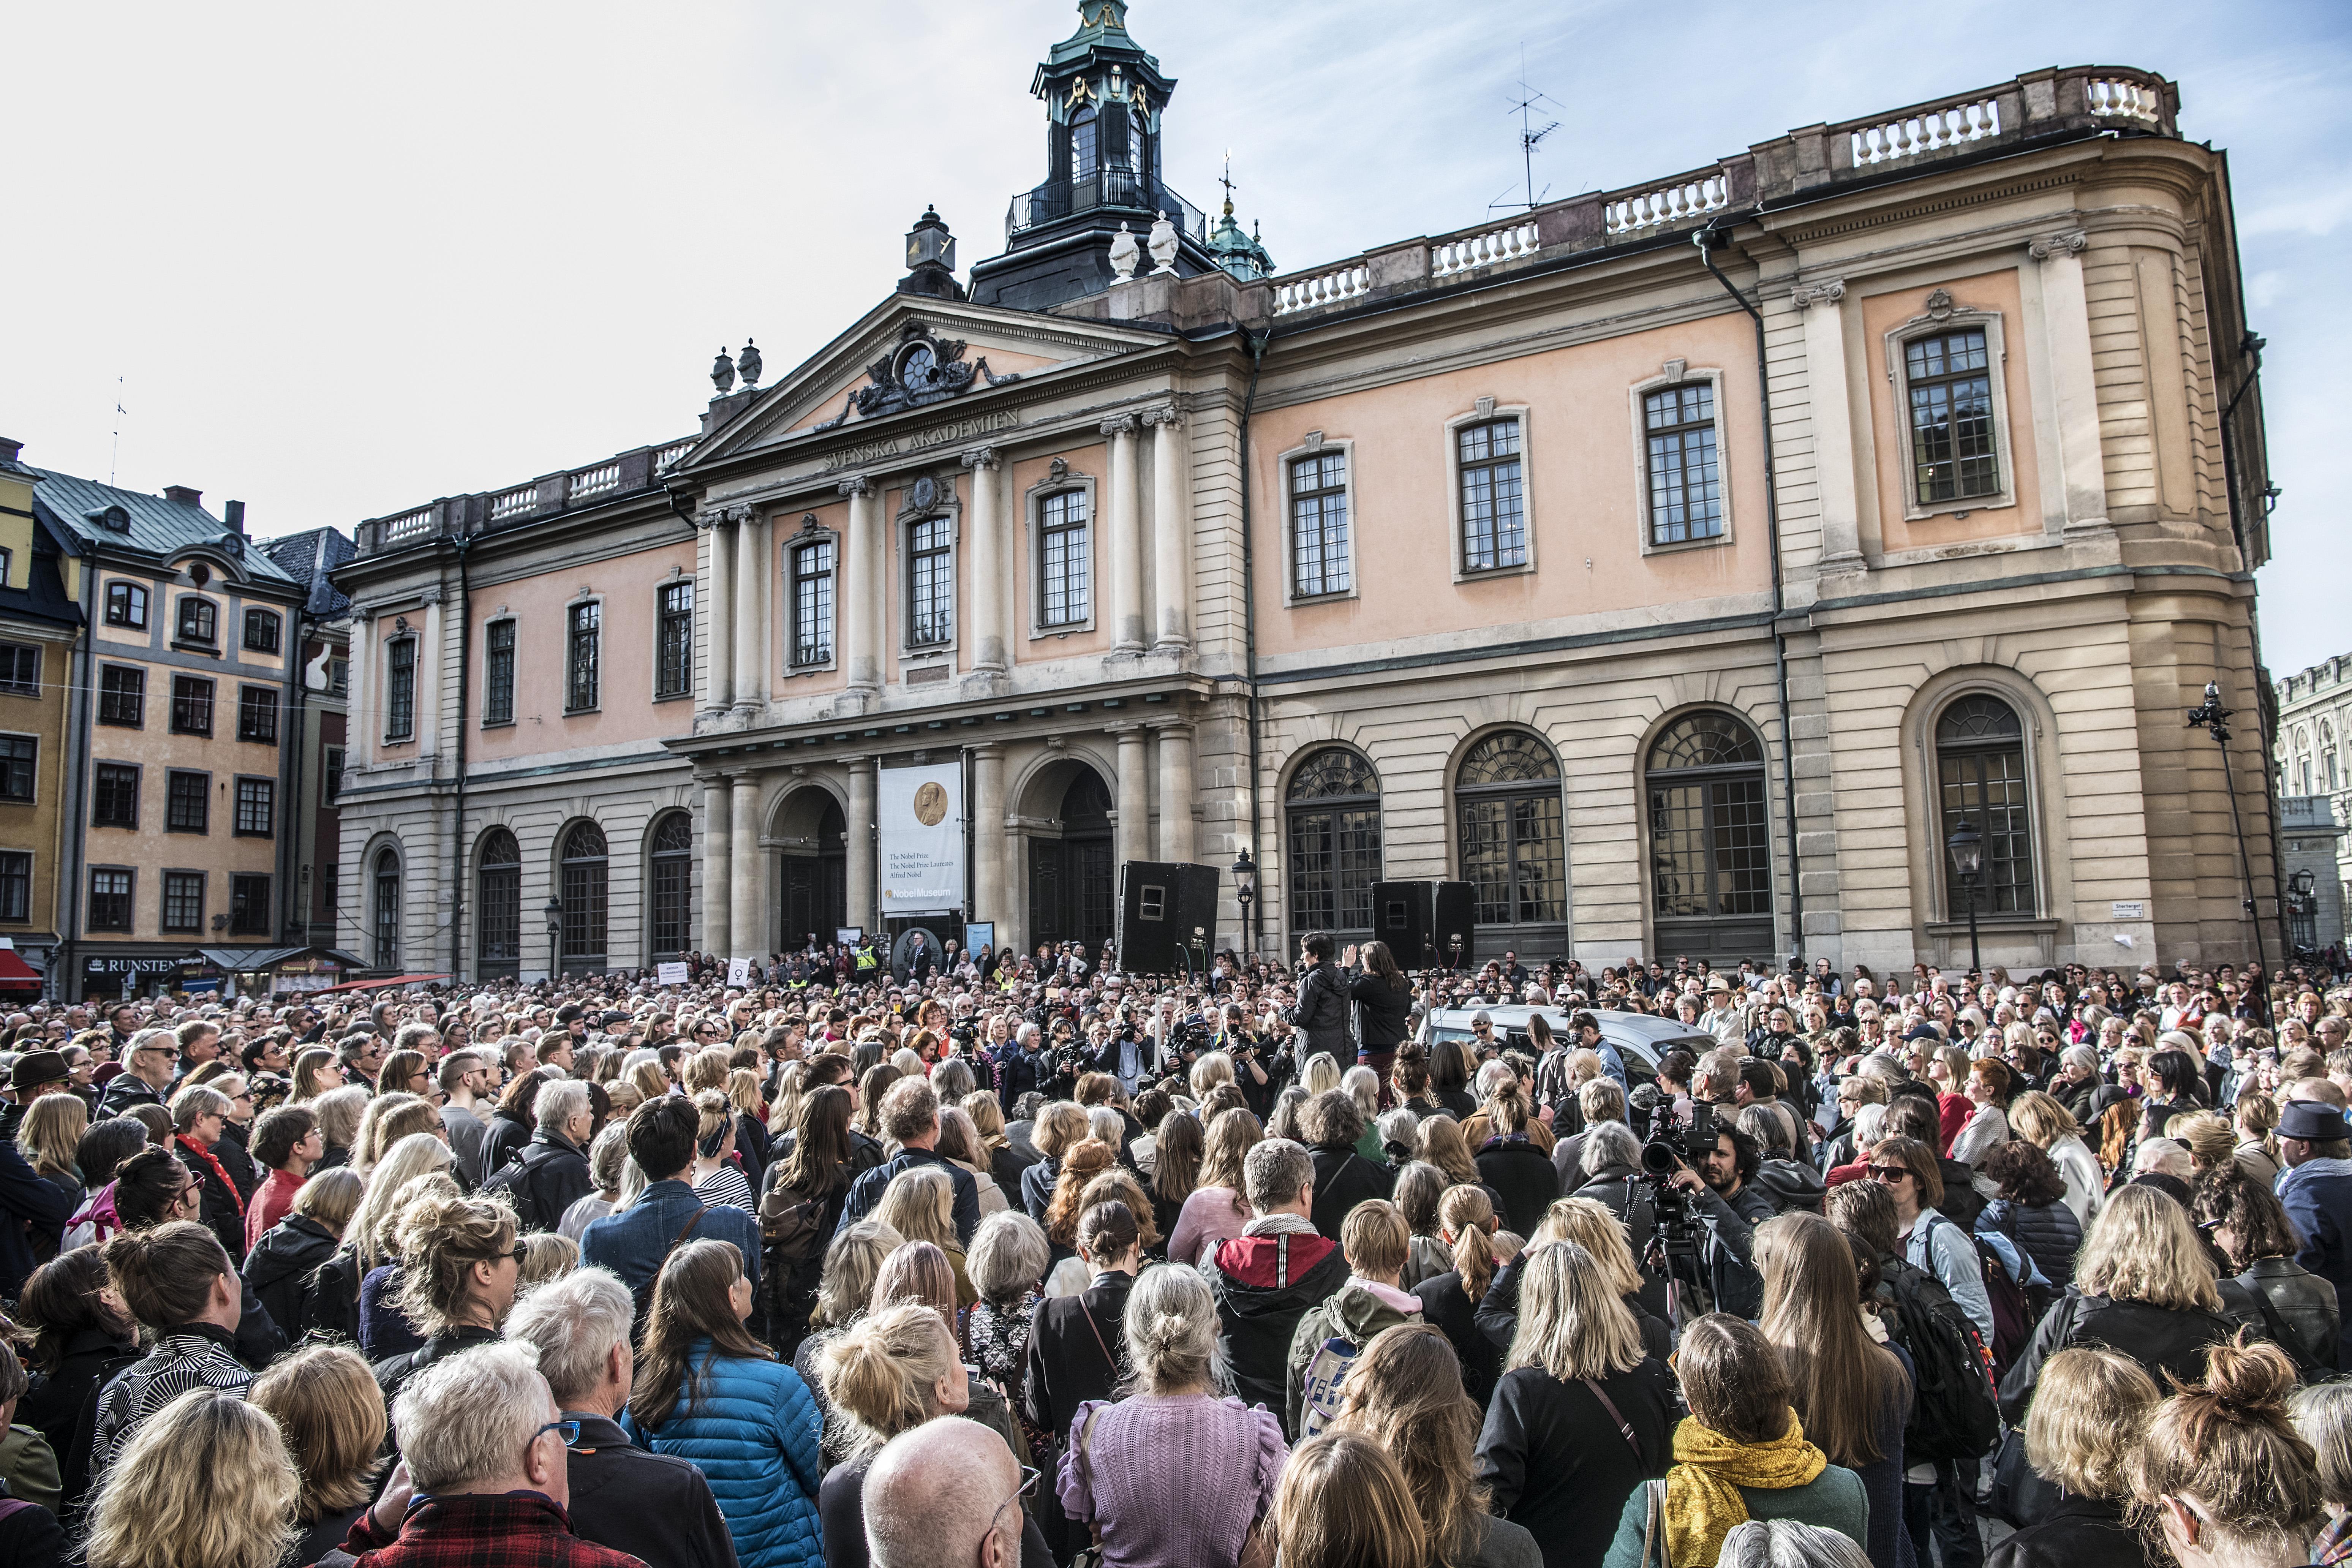 Foto: Tomas Oneborg/SvD/TT. Knytblusdemonstrationen som hölls utanför Börshuset i Gamla Stan den 19 april som stöd för avgående ständiga sekreteraren Sara Danius.